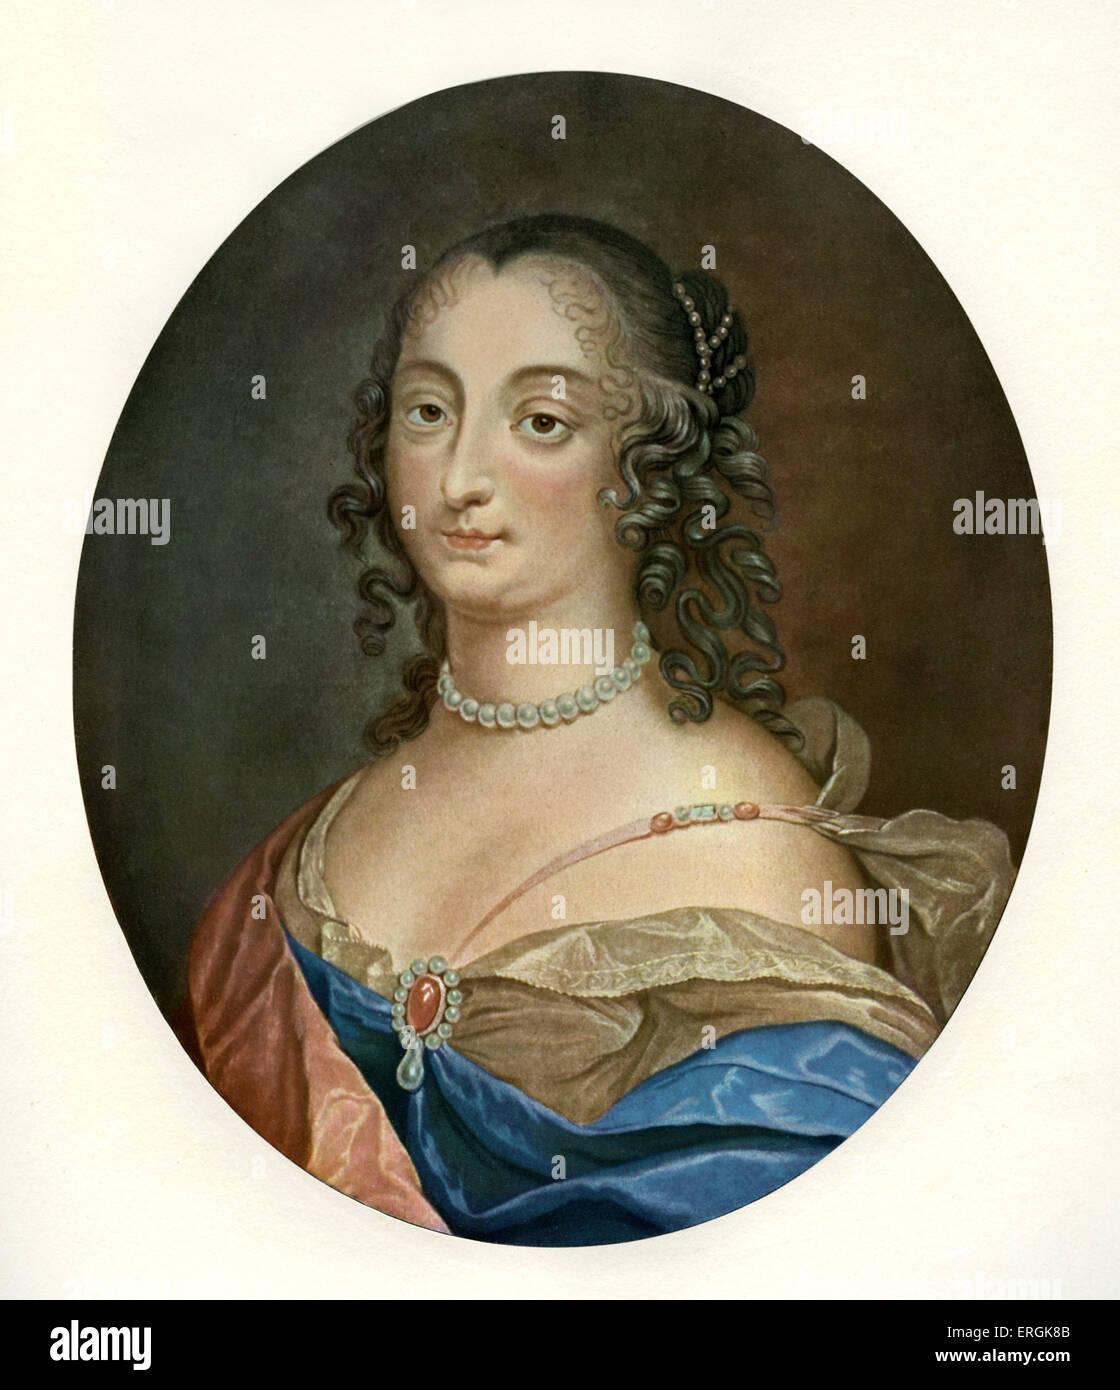 Ninon de Lenclos (1620-1705) - nach dem Stich von Francois Janinet, nach Louis Ferdinand Elle (1612-1689). Auch Stockbild